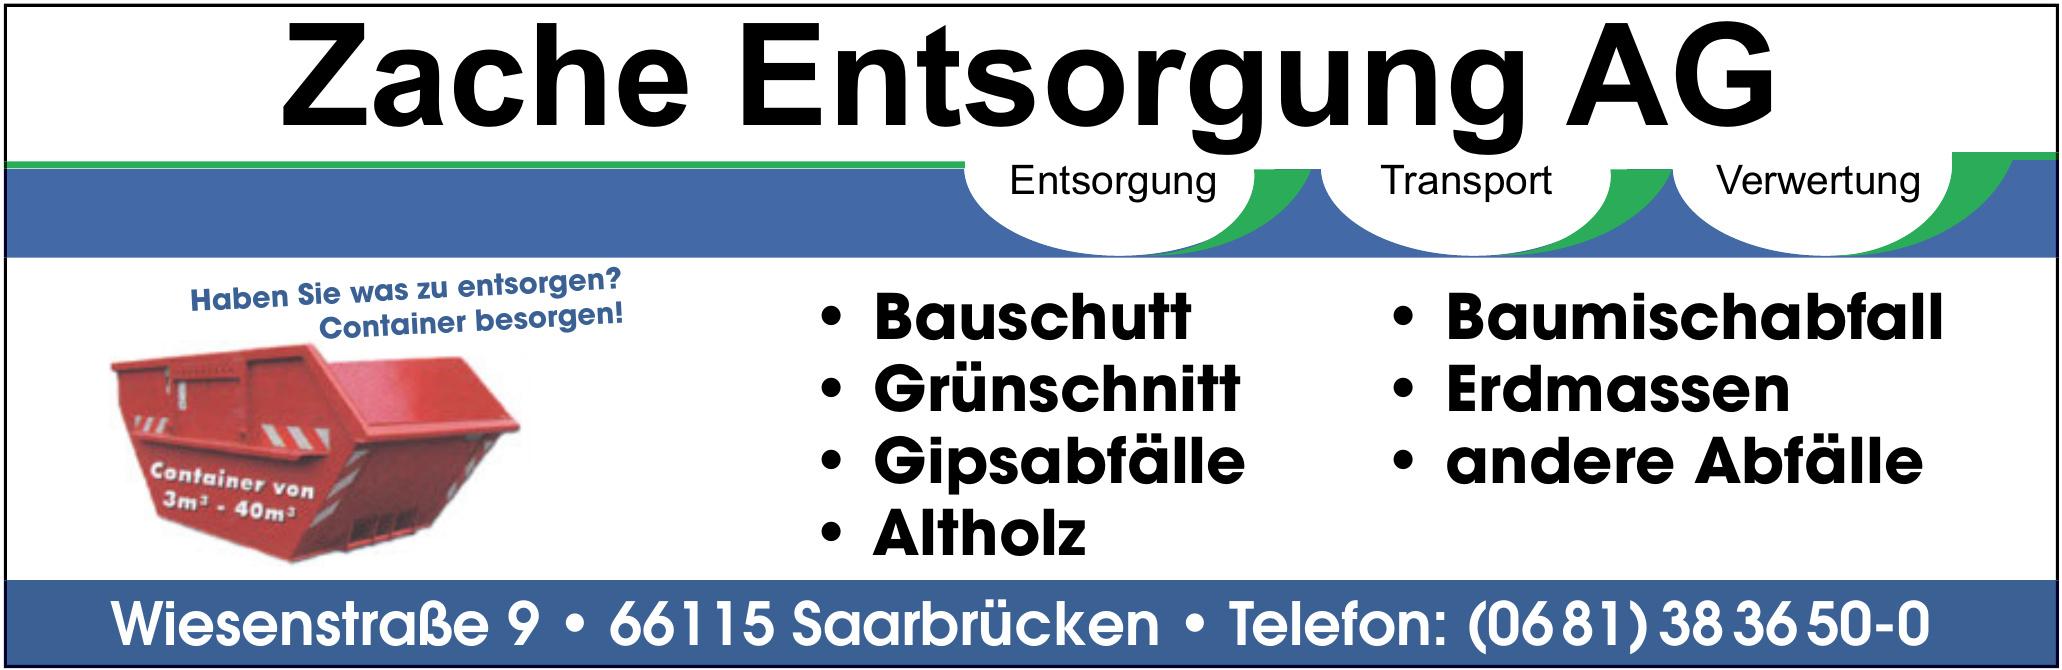 Zache Entsorgung AG